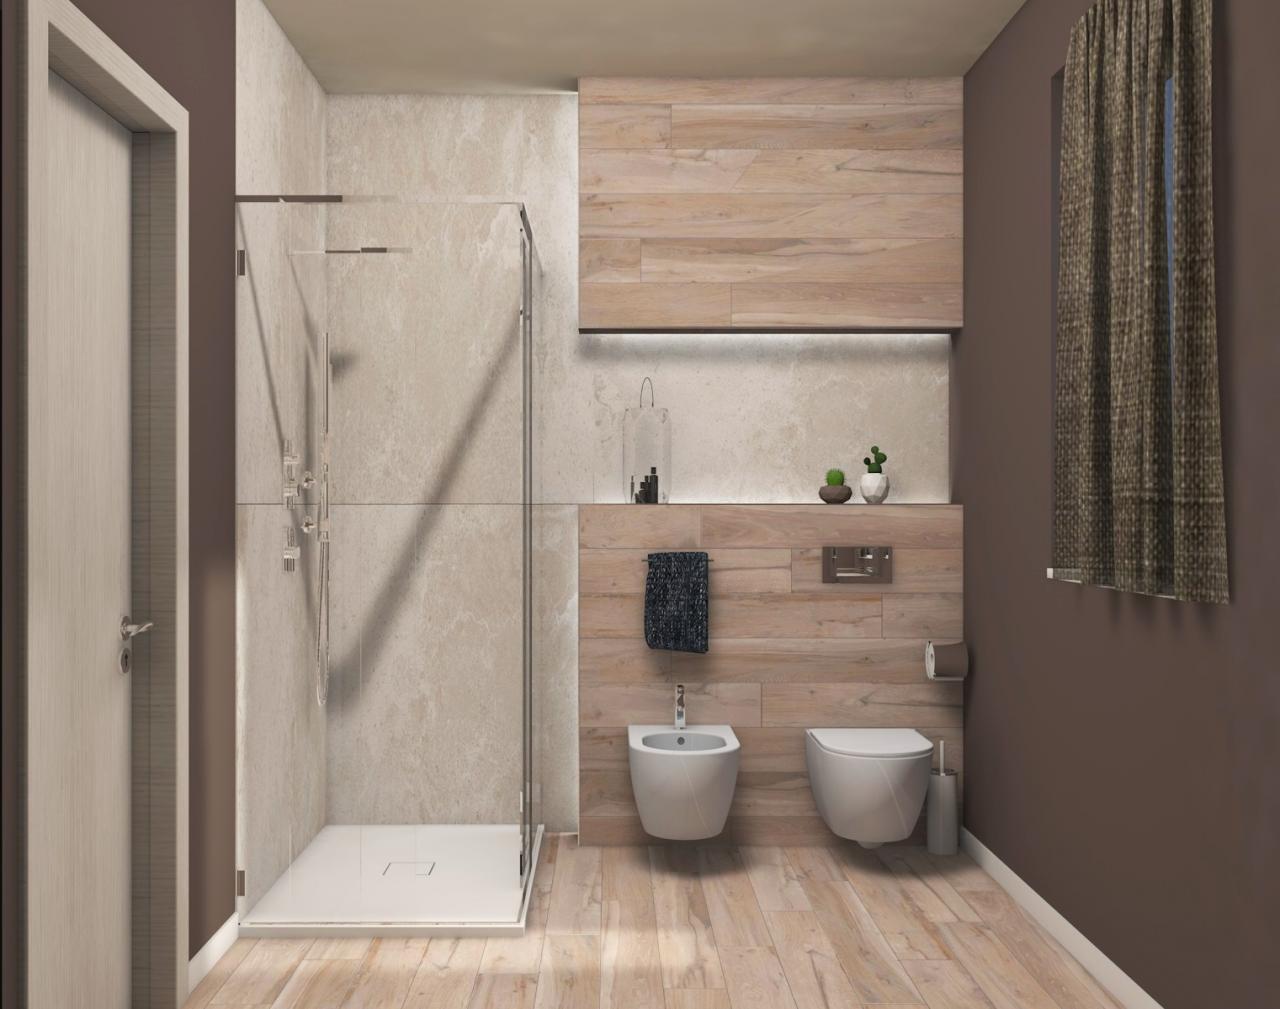 Bagno con illuminazione moderna progetto di fratelli pellizzari fratelli pellizzari - Illuminazione per bagno ...